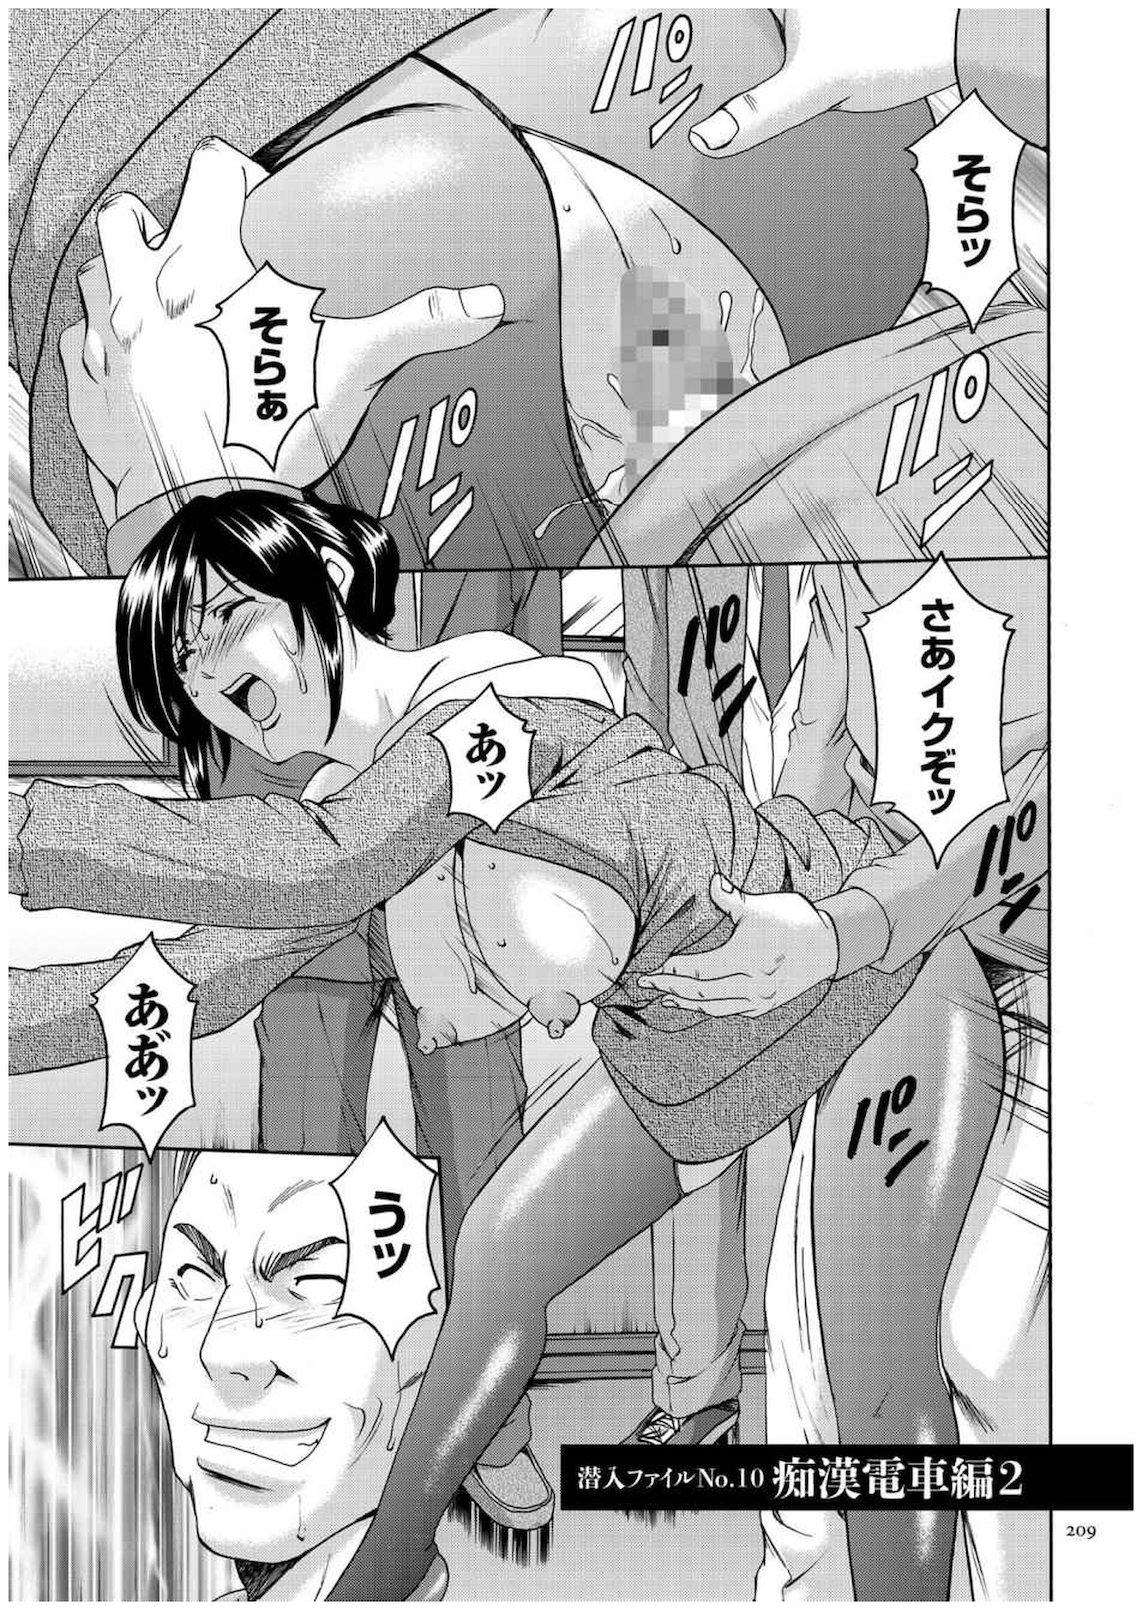 Sennyu Tsuma Satomi Kiroku 207